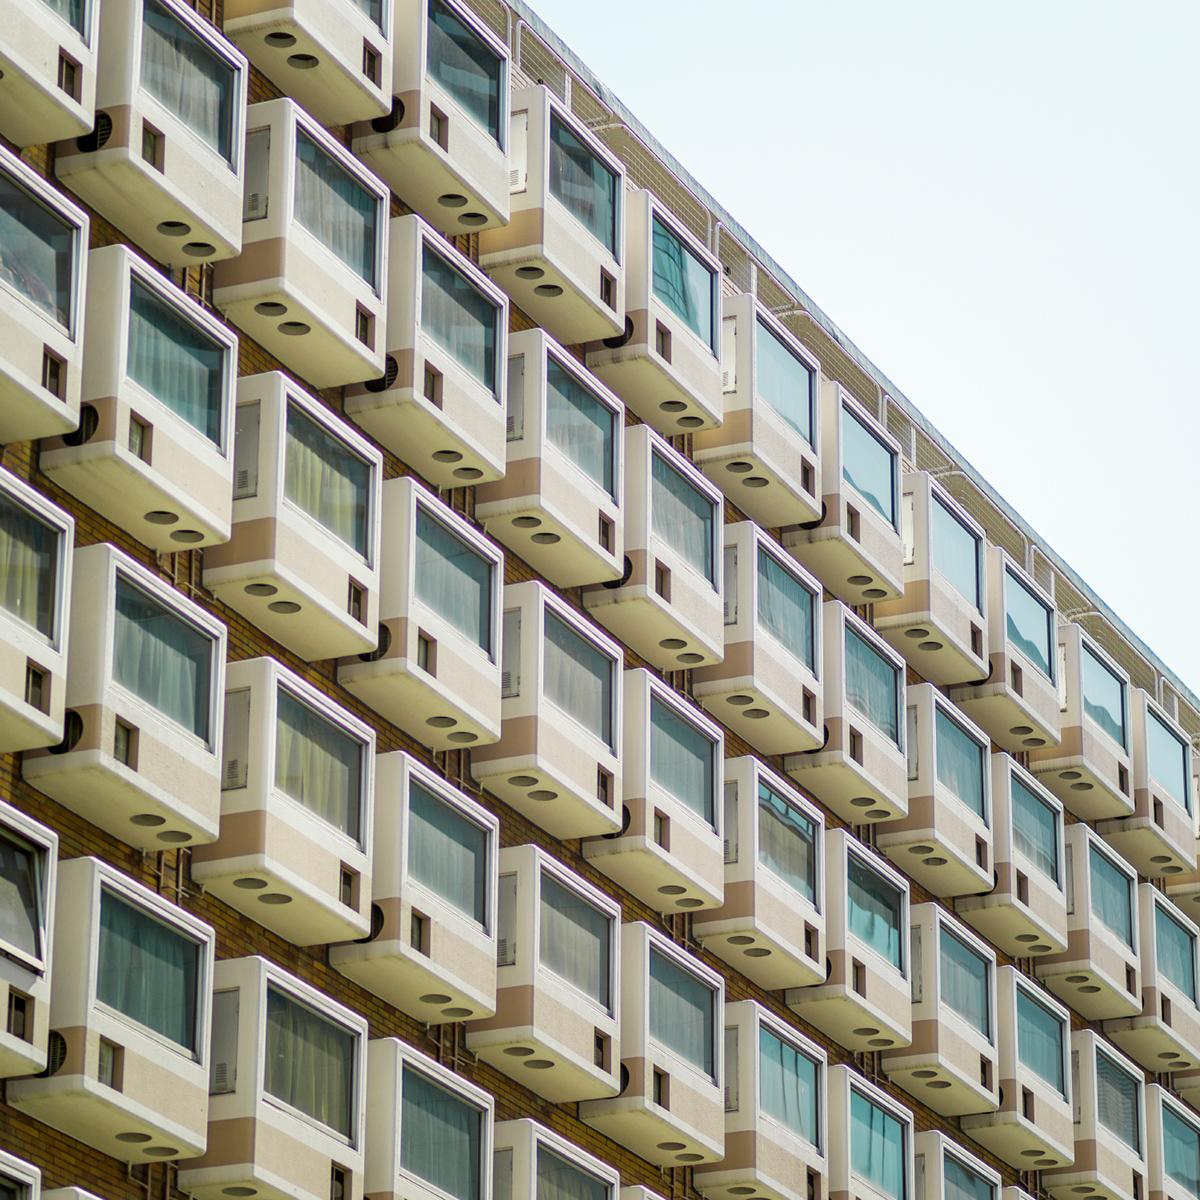 Colores y arquitectura de Matthias Heiderich 17